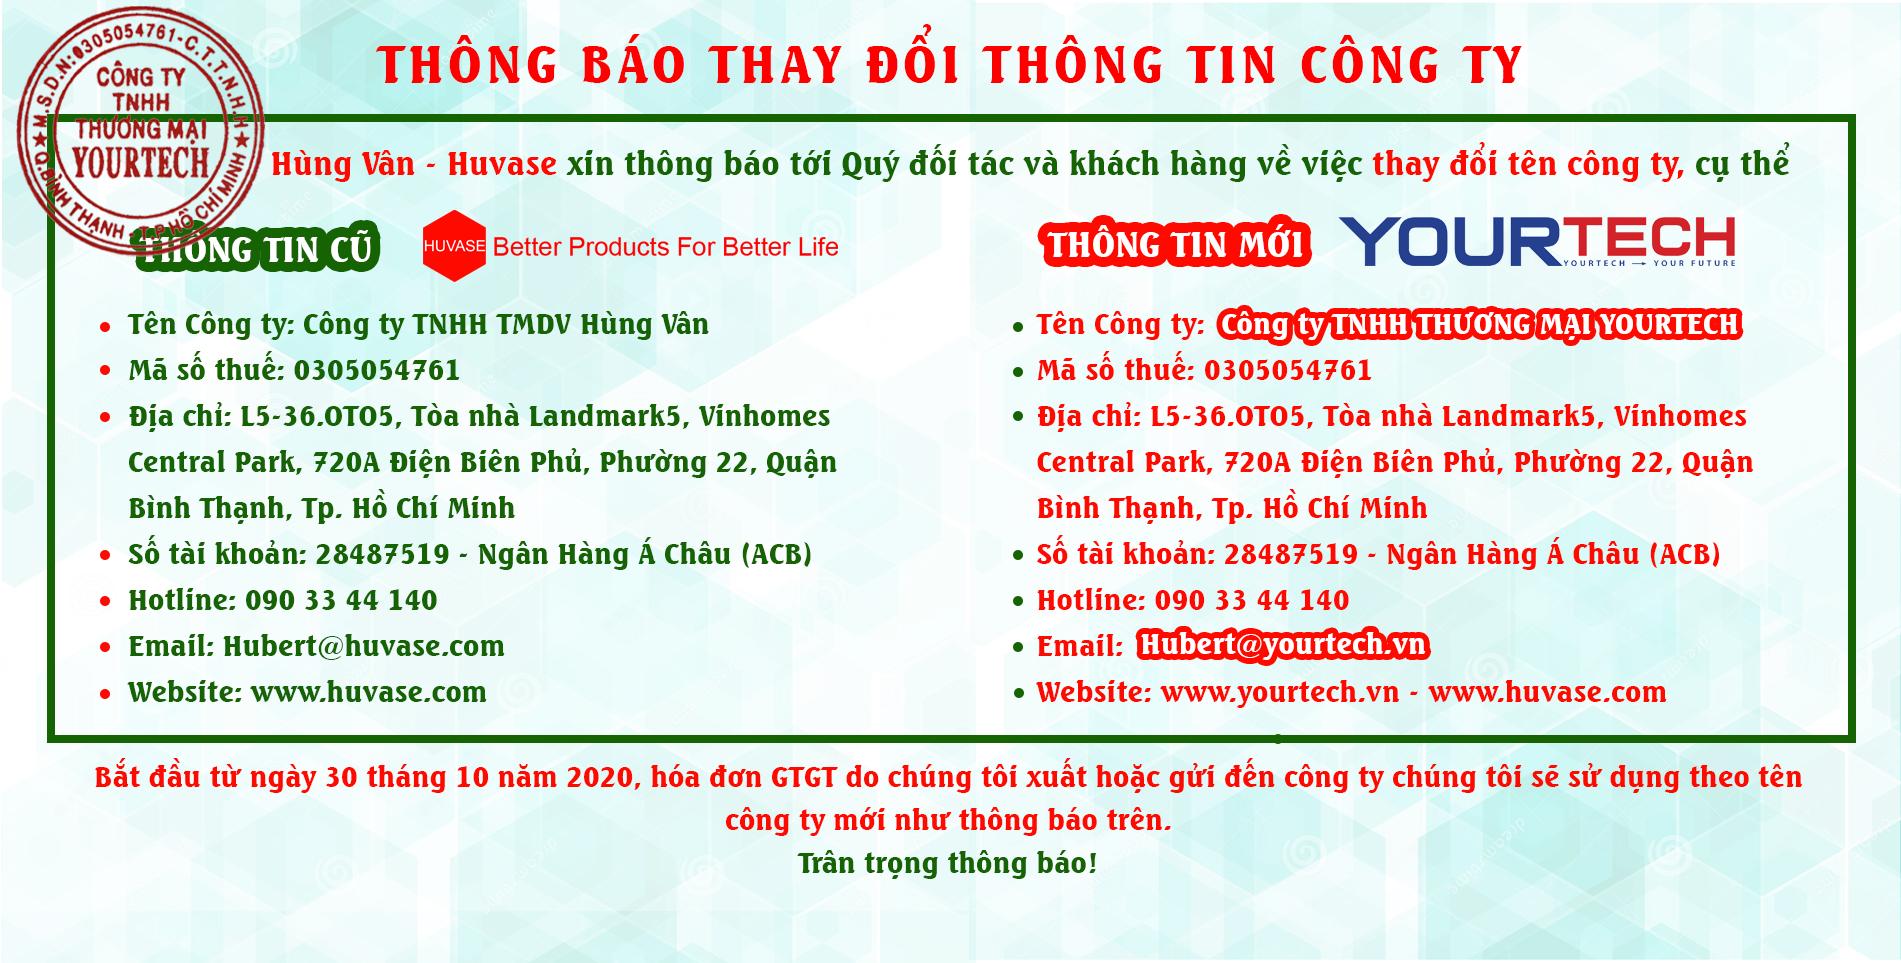 Công ty Hùng Vân đổi tên thành Công ty TNHH thương mại Yourtech